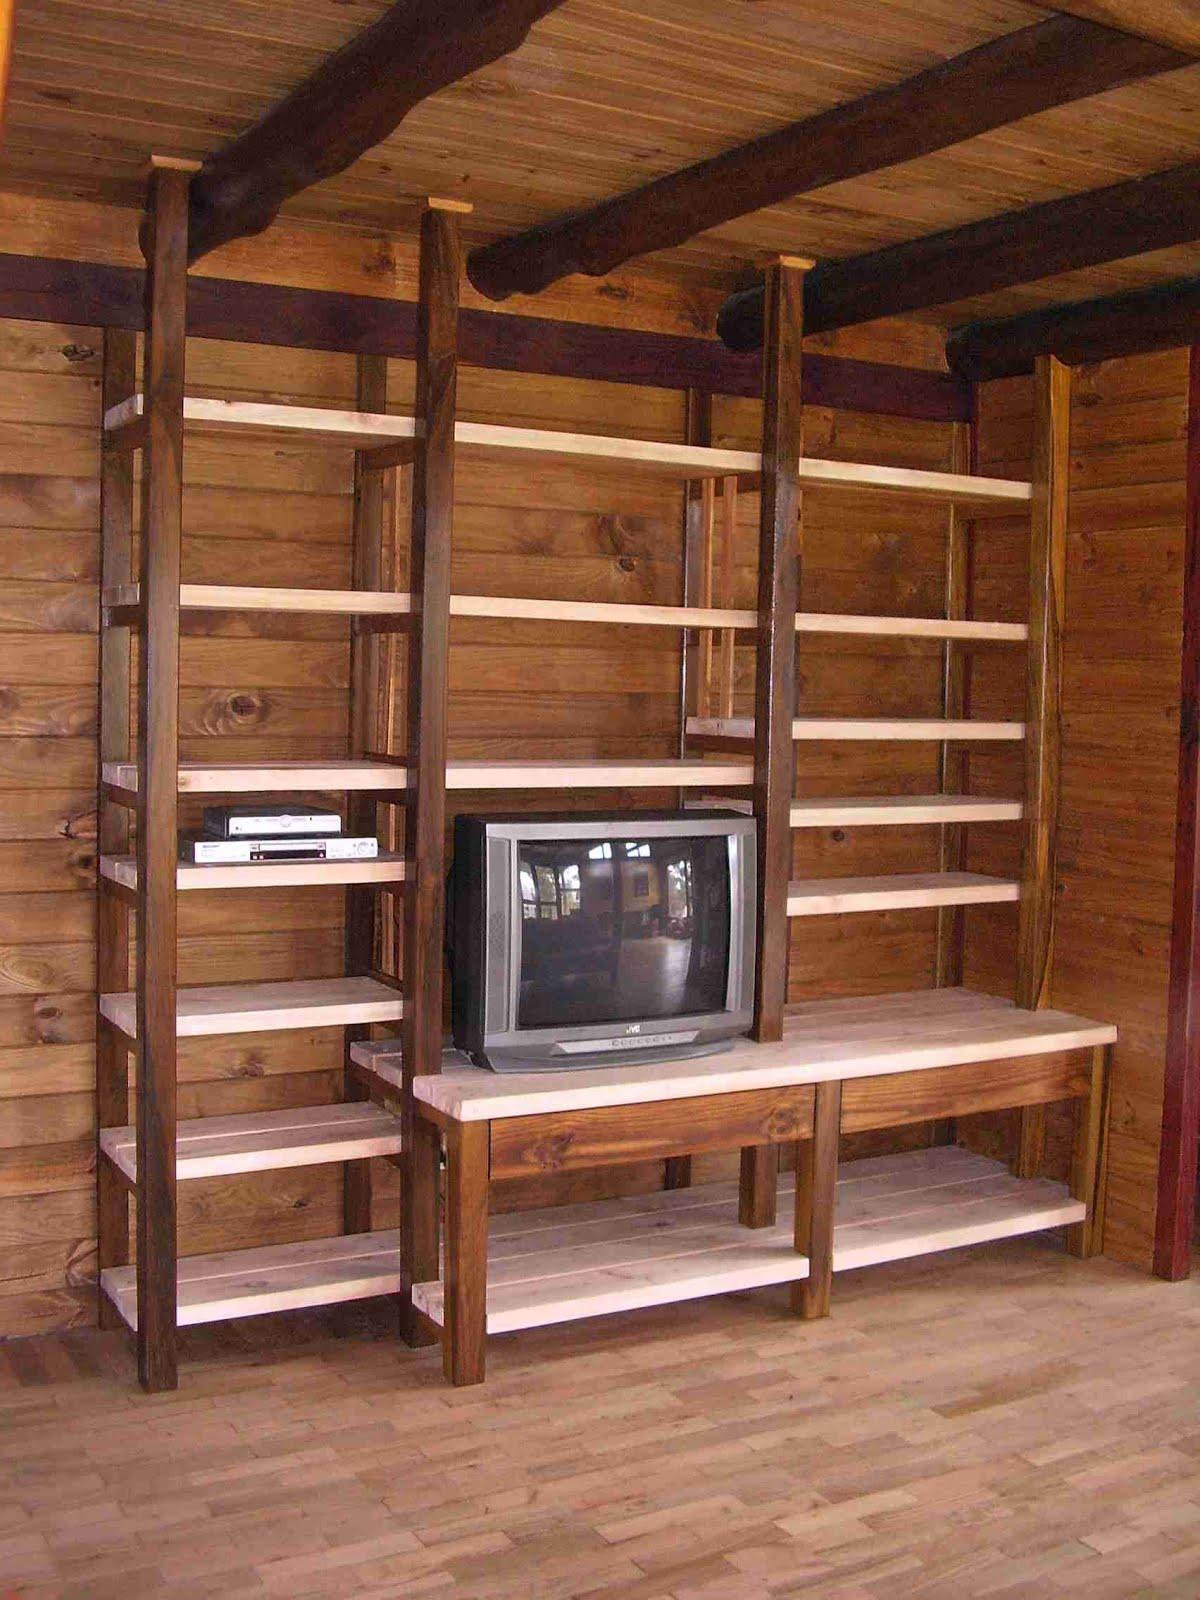 Fotos de prgolas terrazas y cobertizos en madera en regin - Muebles en madera de pino ...